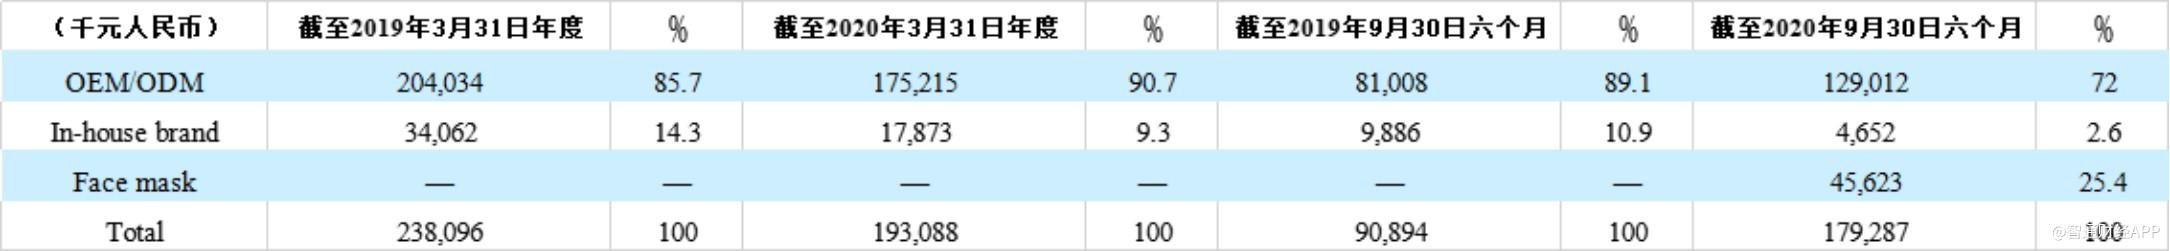 美股新股解读   卖口罩、代工推动半年度收入近翻倍增长 联代科技(UTME.US)IPO或如愿?